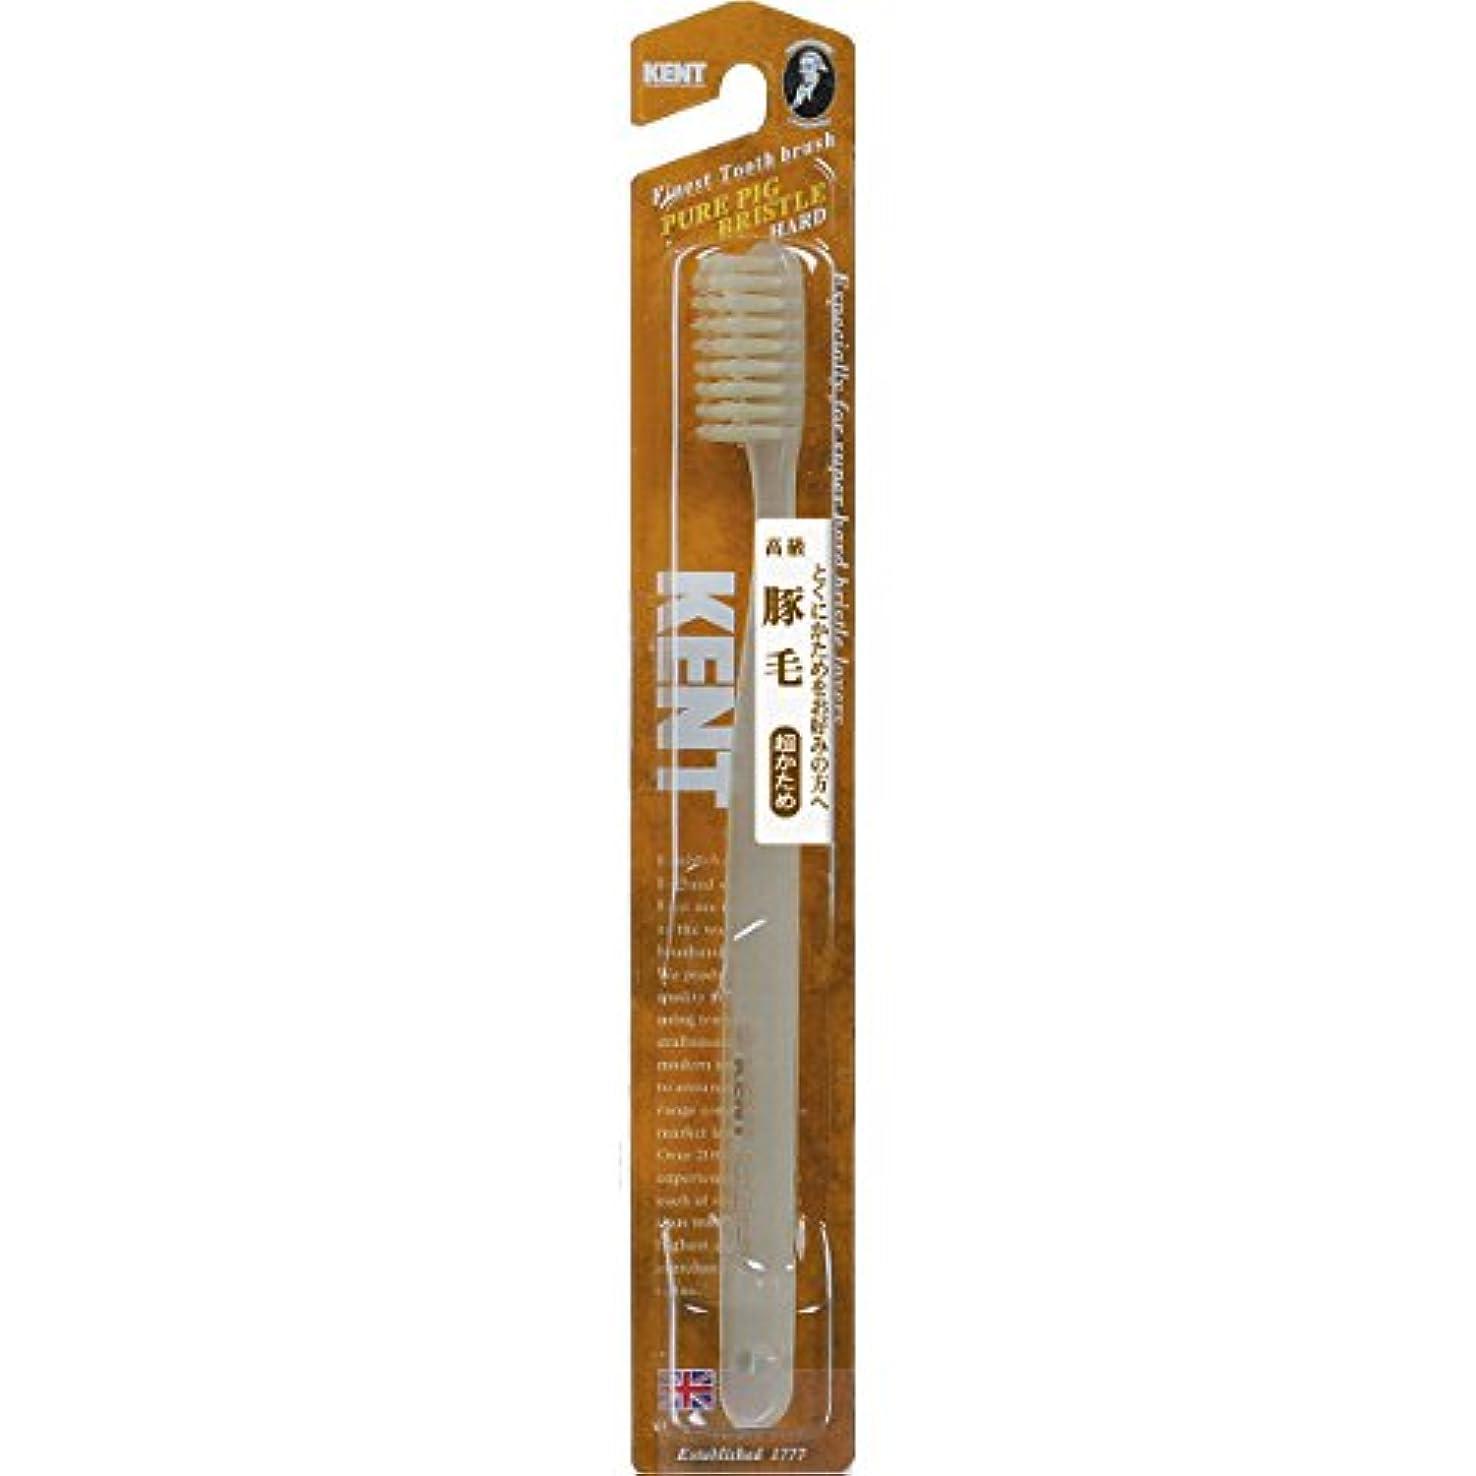 センサー例示するええKENT 豚毛歯ブラシ ラージヘッド 超かため KNT-2433 ×5個セット